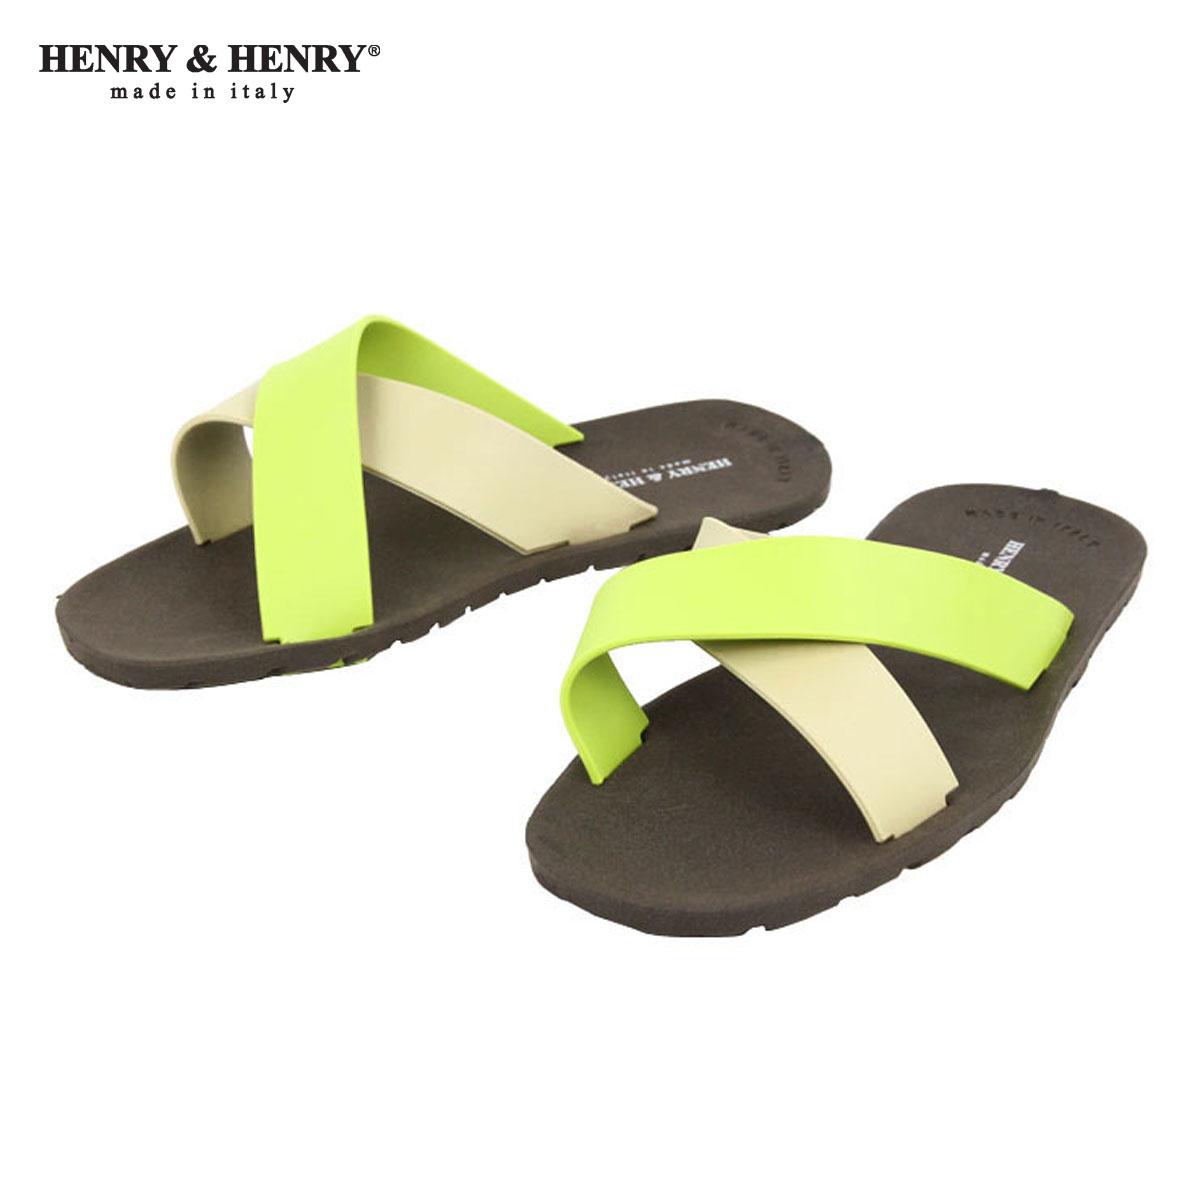 ヘンリーアンドヘンリー HENRY&HENRY 正規販売店 サンダル CROSS SANDAL MARRON / BEIGE / LIME 29/23/7 A66B B3C C4D D3E E04F